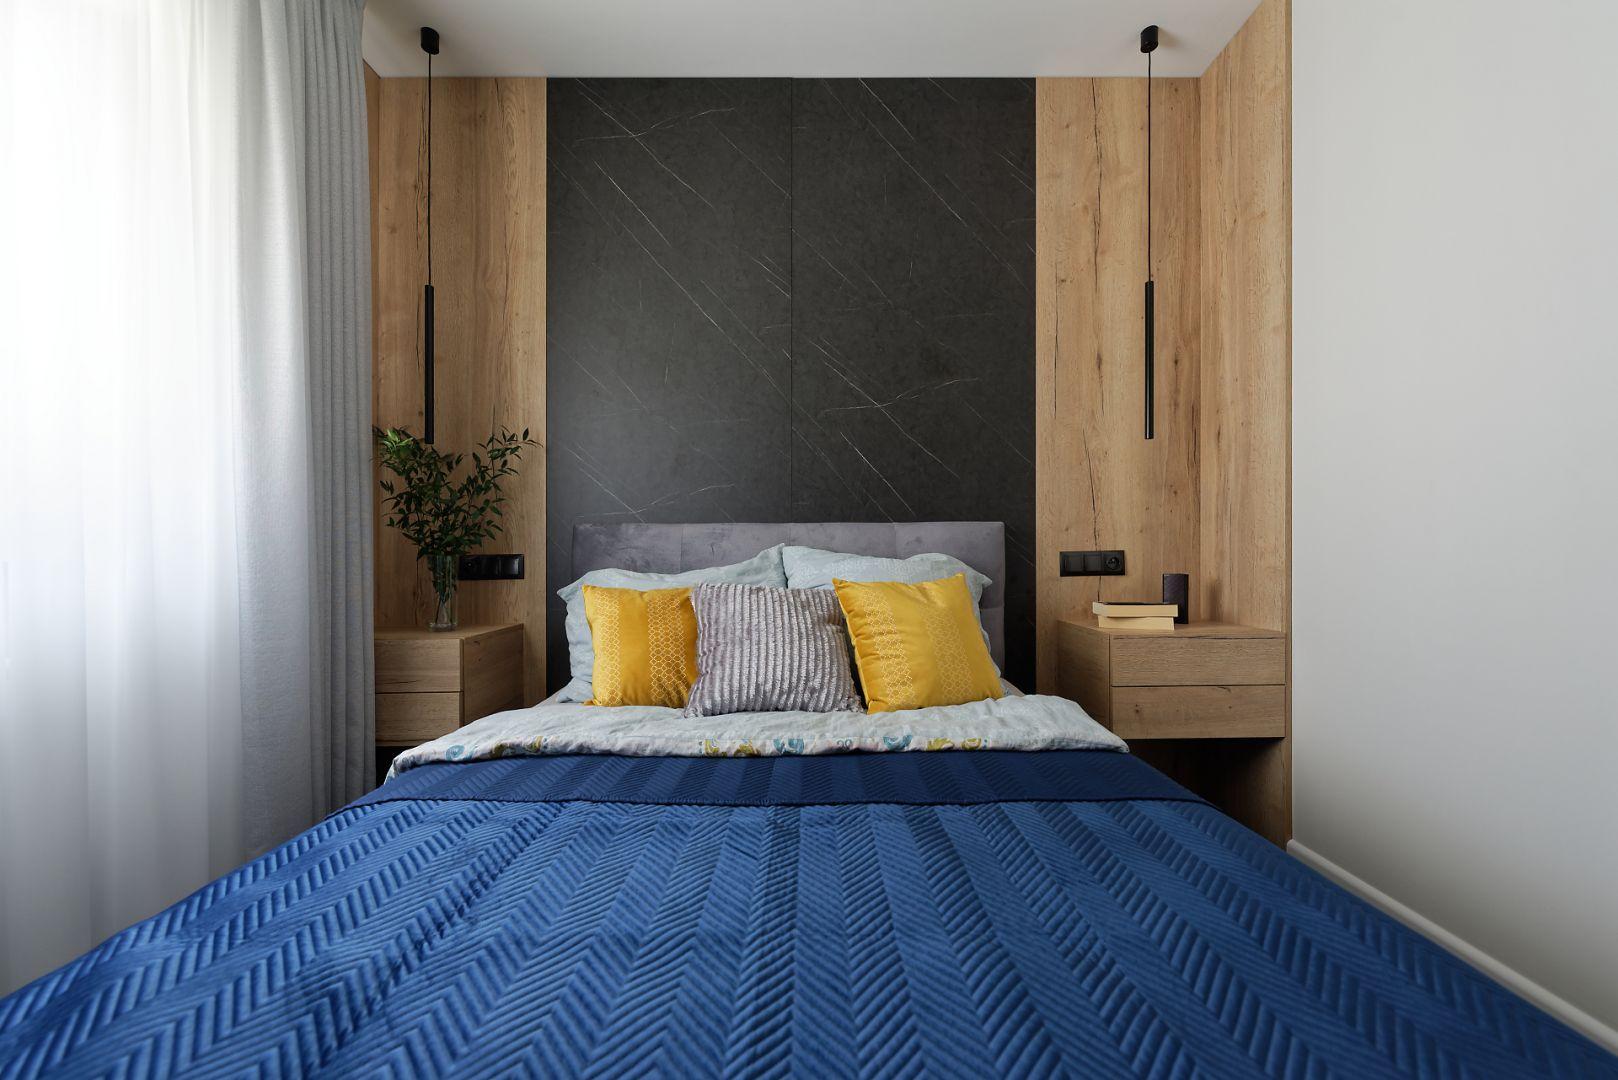 Sypialnia urządzona jest bardzo przytulnie. Projekt: pracownia M-Studio. Fot. Radek Słowik